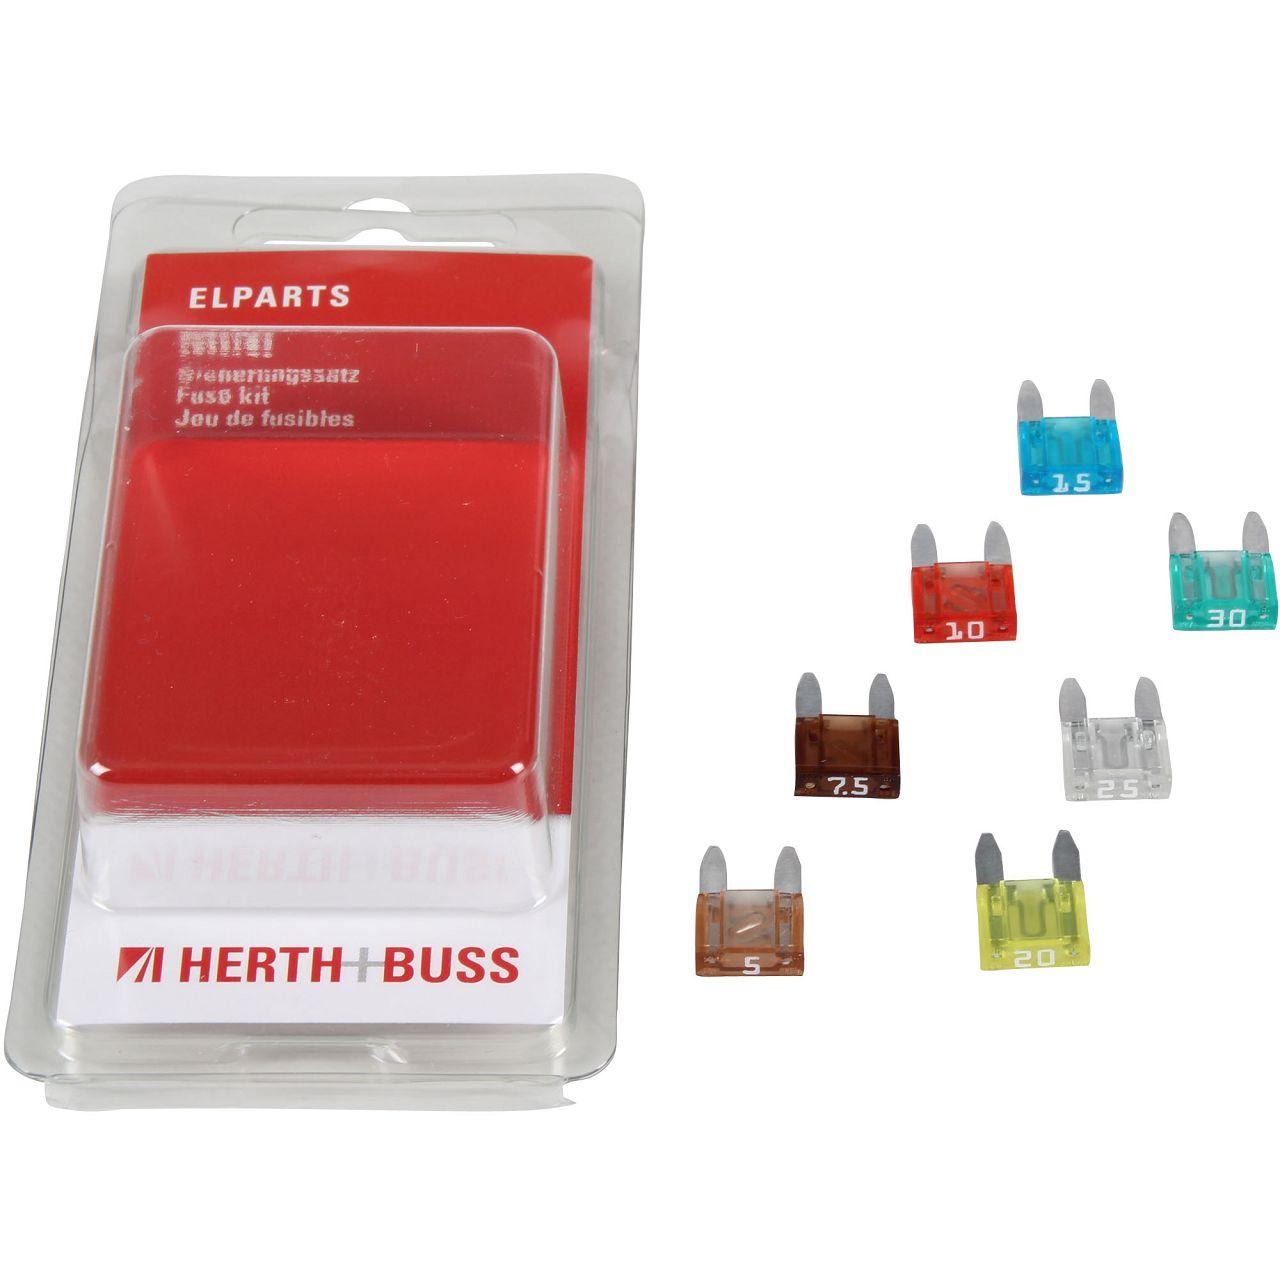 7x HERTH+BUSS ELPARTS Sicherung MINI-Flachstecksicherung 5A - 30A